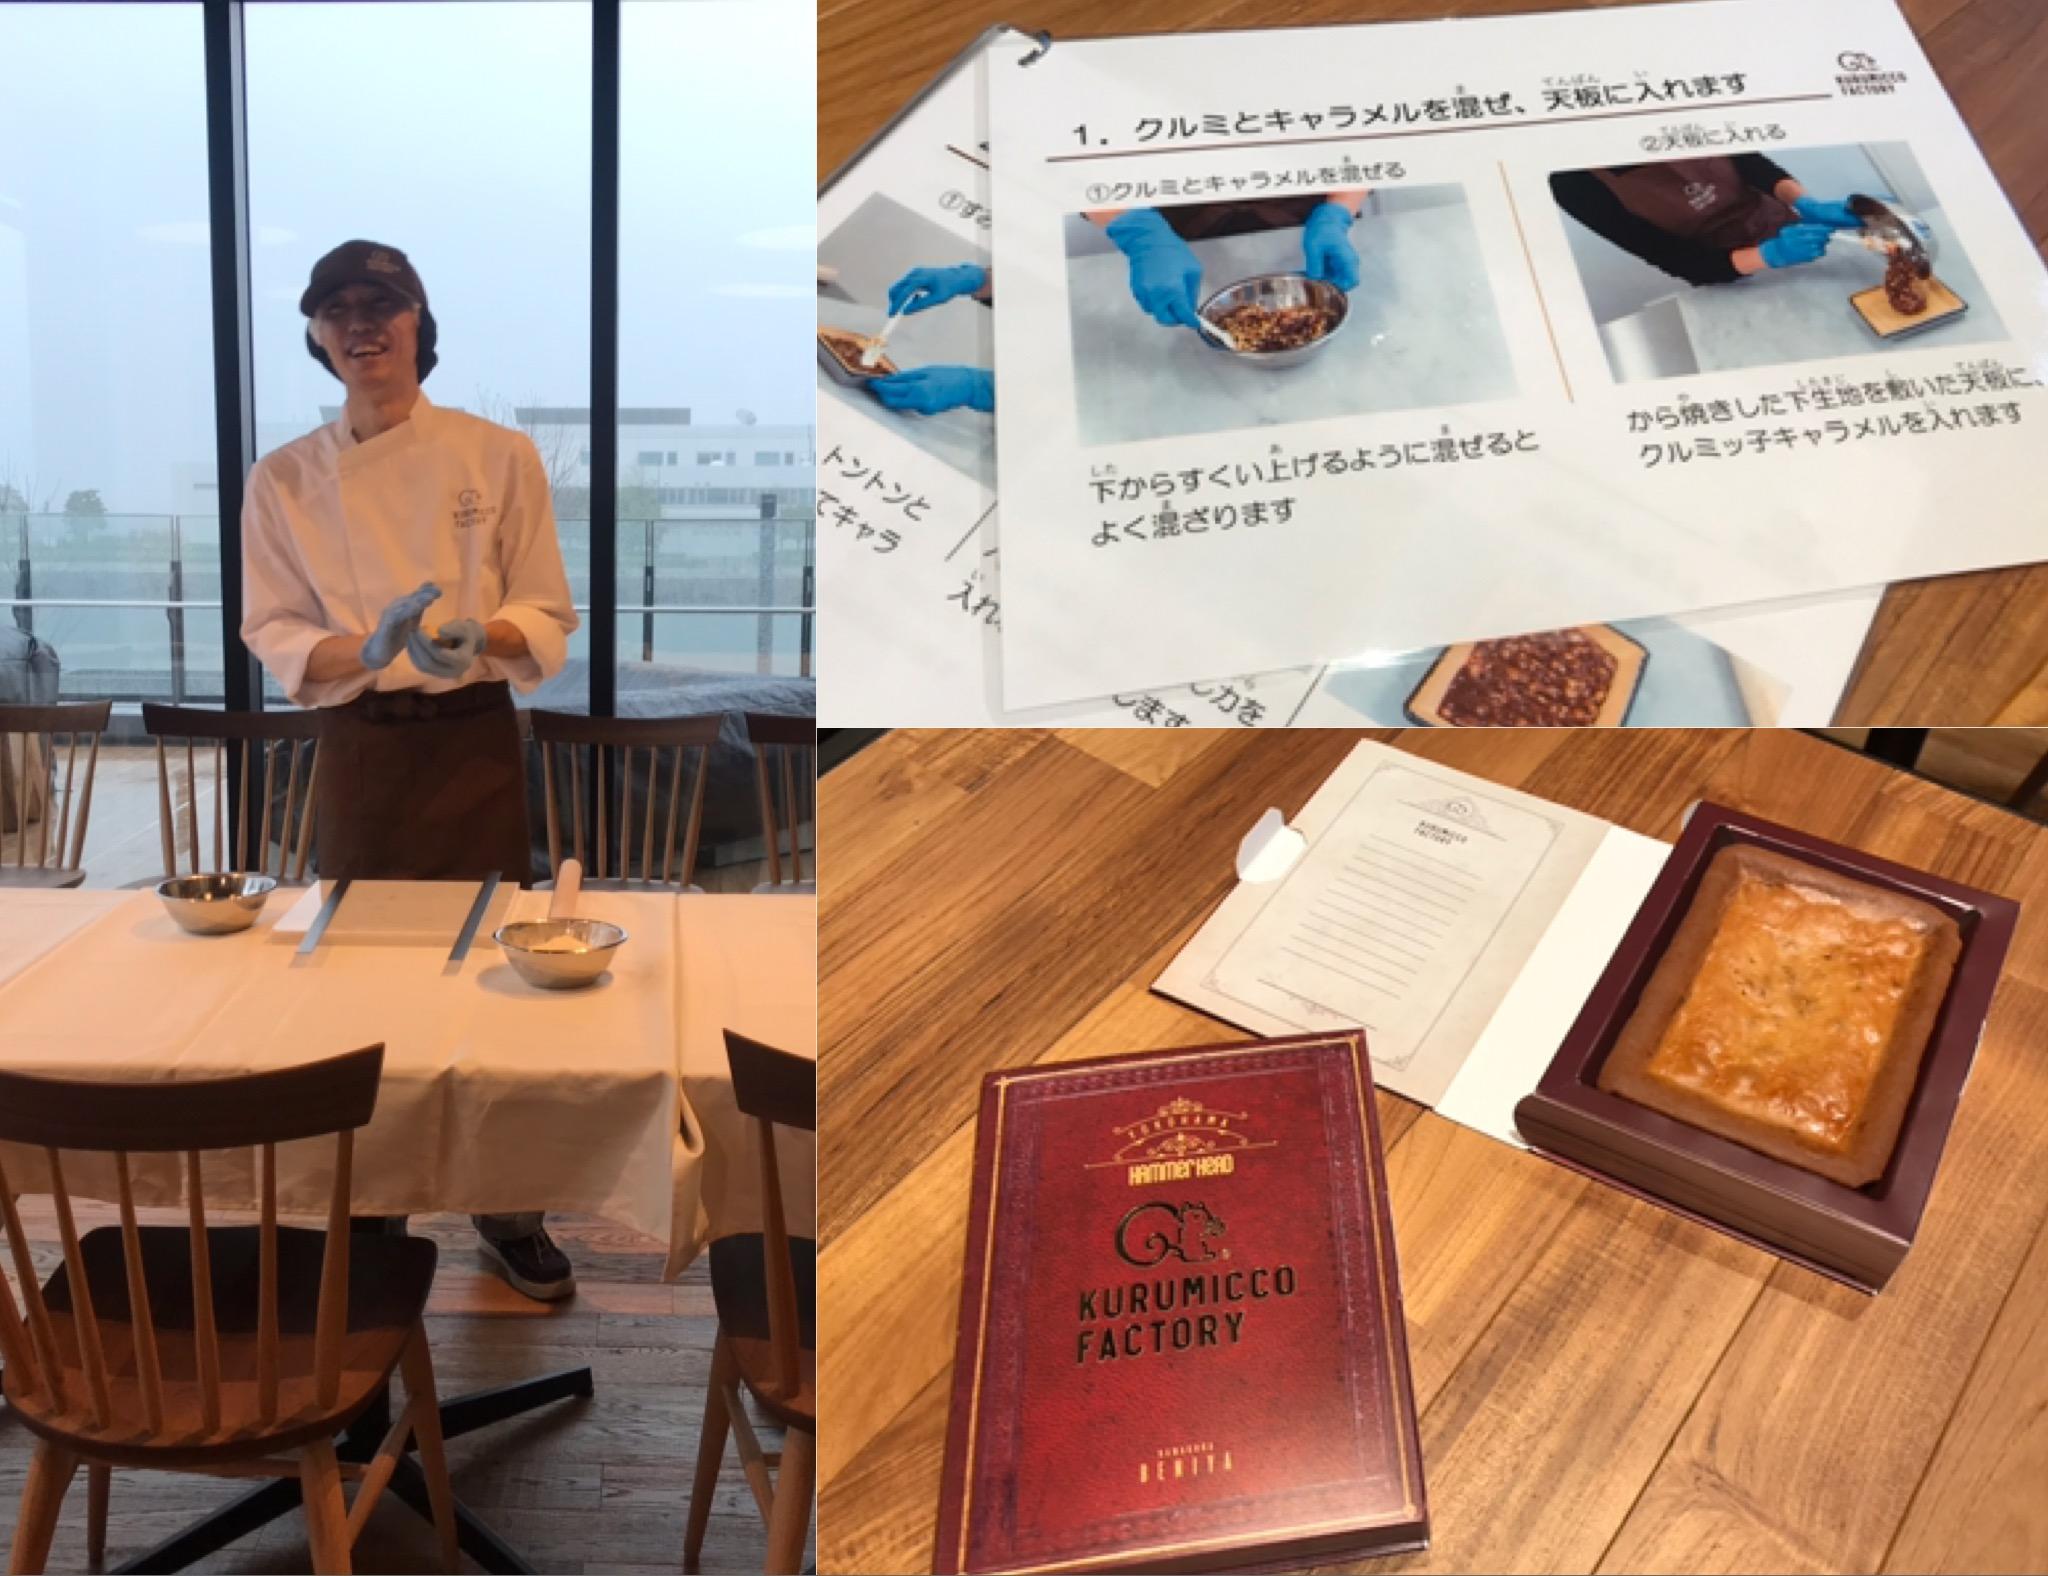 みなとみらい新スポット『横浜ハンマーヘッド』がオープン! おしゃれカフェ、お土産におすすめなグルメショップ5選_15